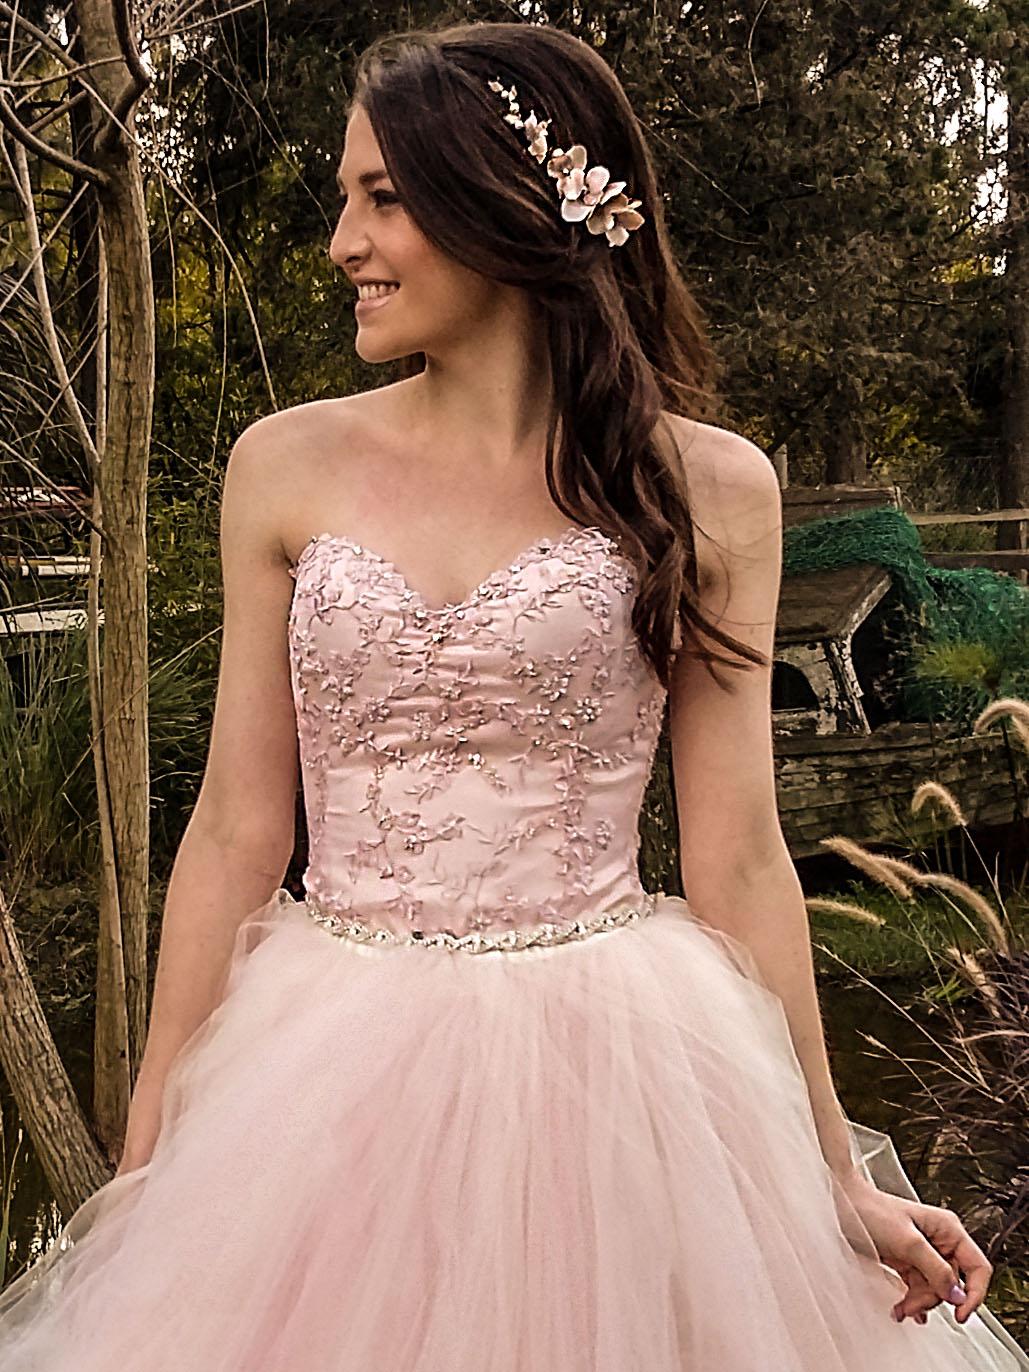 efae79fd59 Vestido de 15 Años - Diseño Grace - Opción falda larga desmontable de 100  mts. reales de tul (no lleva miriñaque ni alambre). El corset de tul  bordado a ...